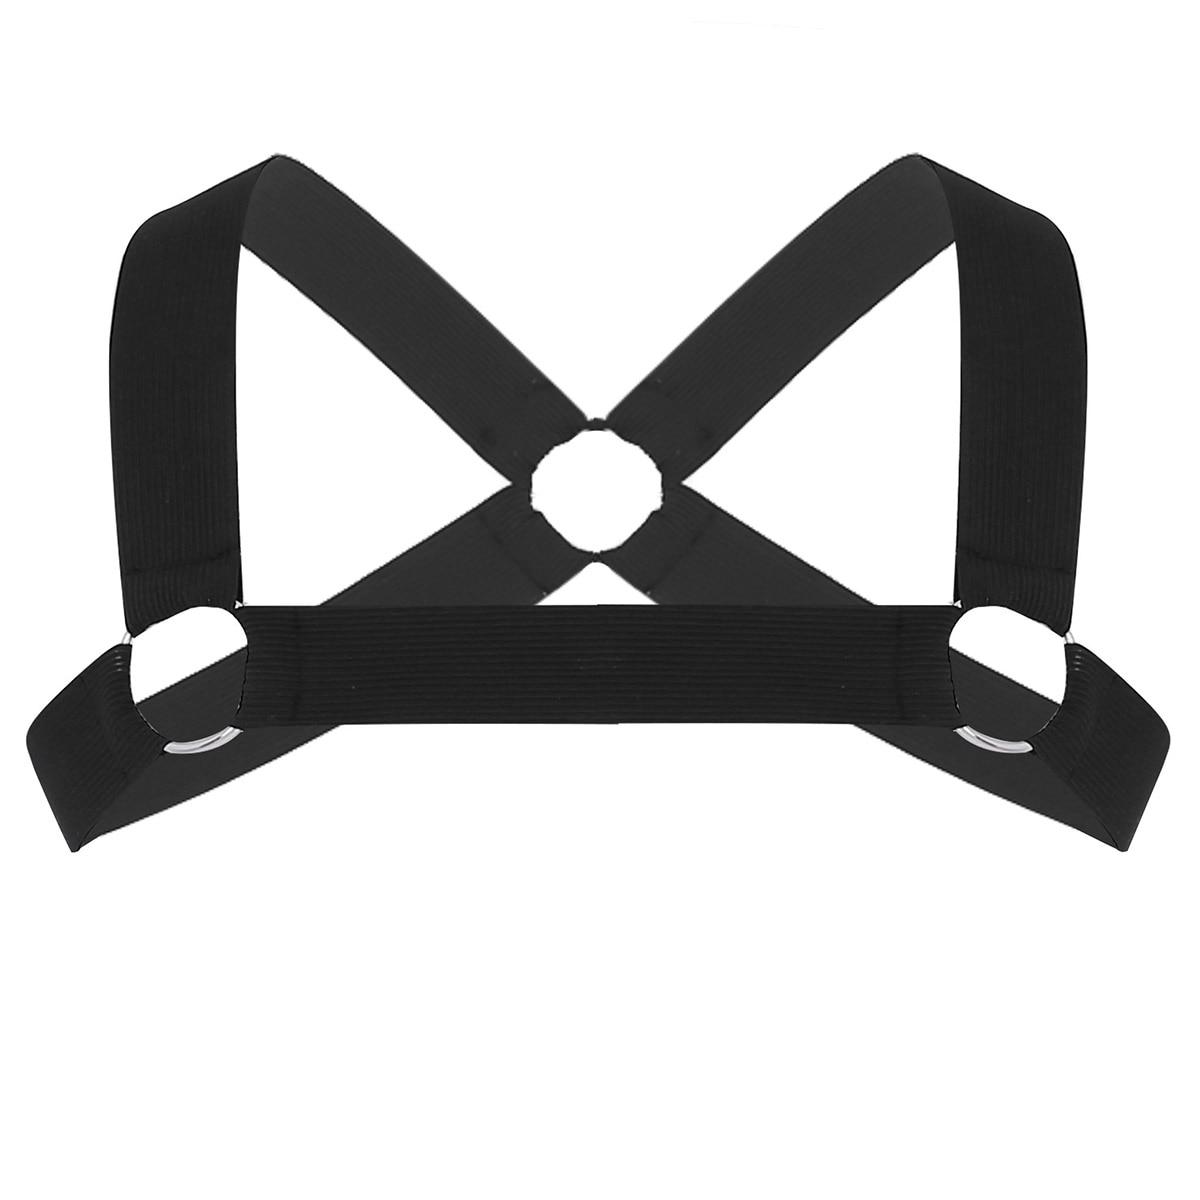 Мужские x-образные ремни на спине, мужские эластичные ремни на плечо, грудь, пояс с о-образными кольцами, Необычные Клубные вечерние костюмы, ремень - Цвет: Black